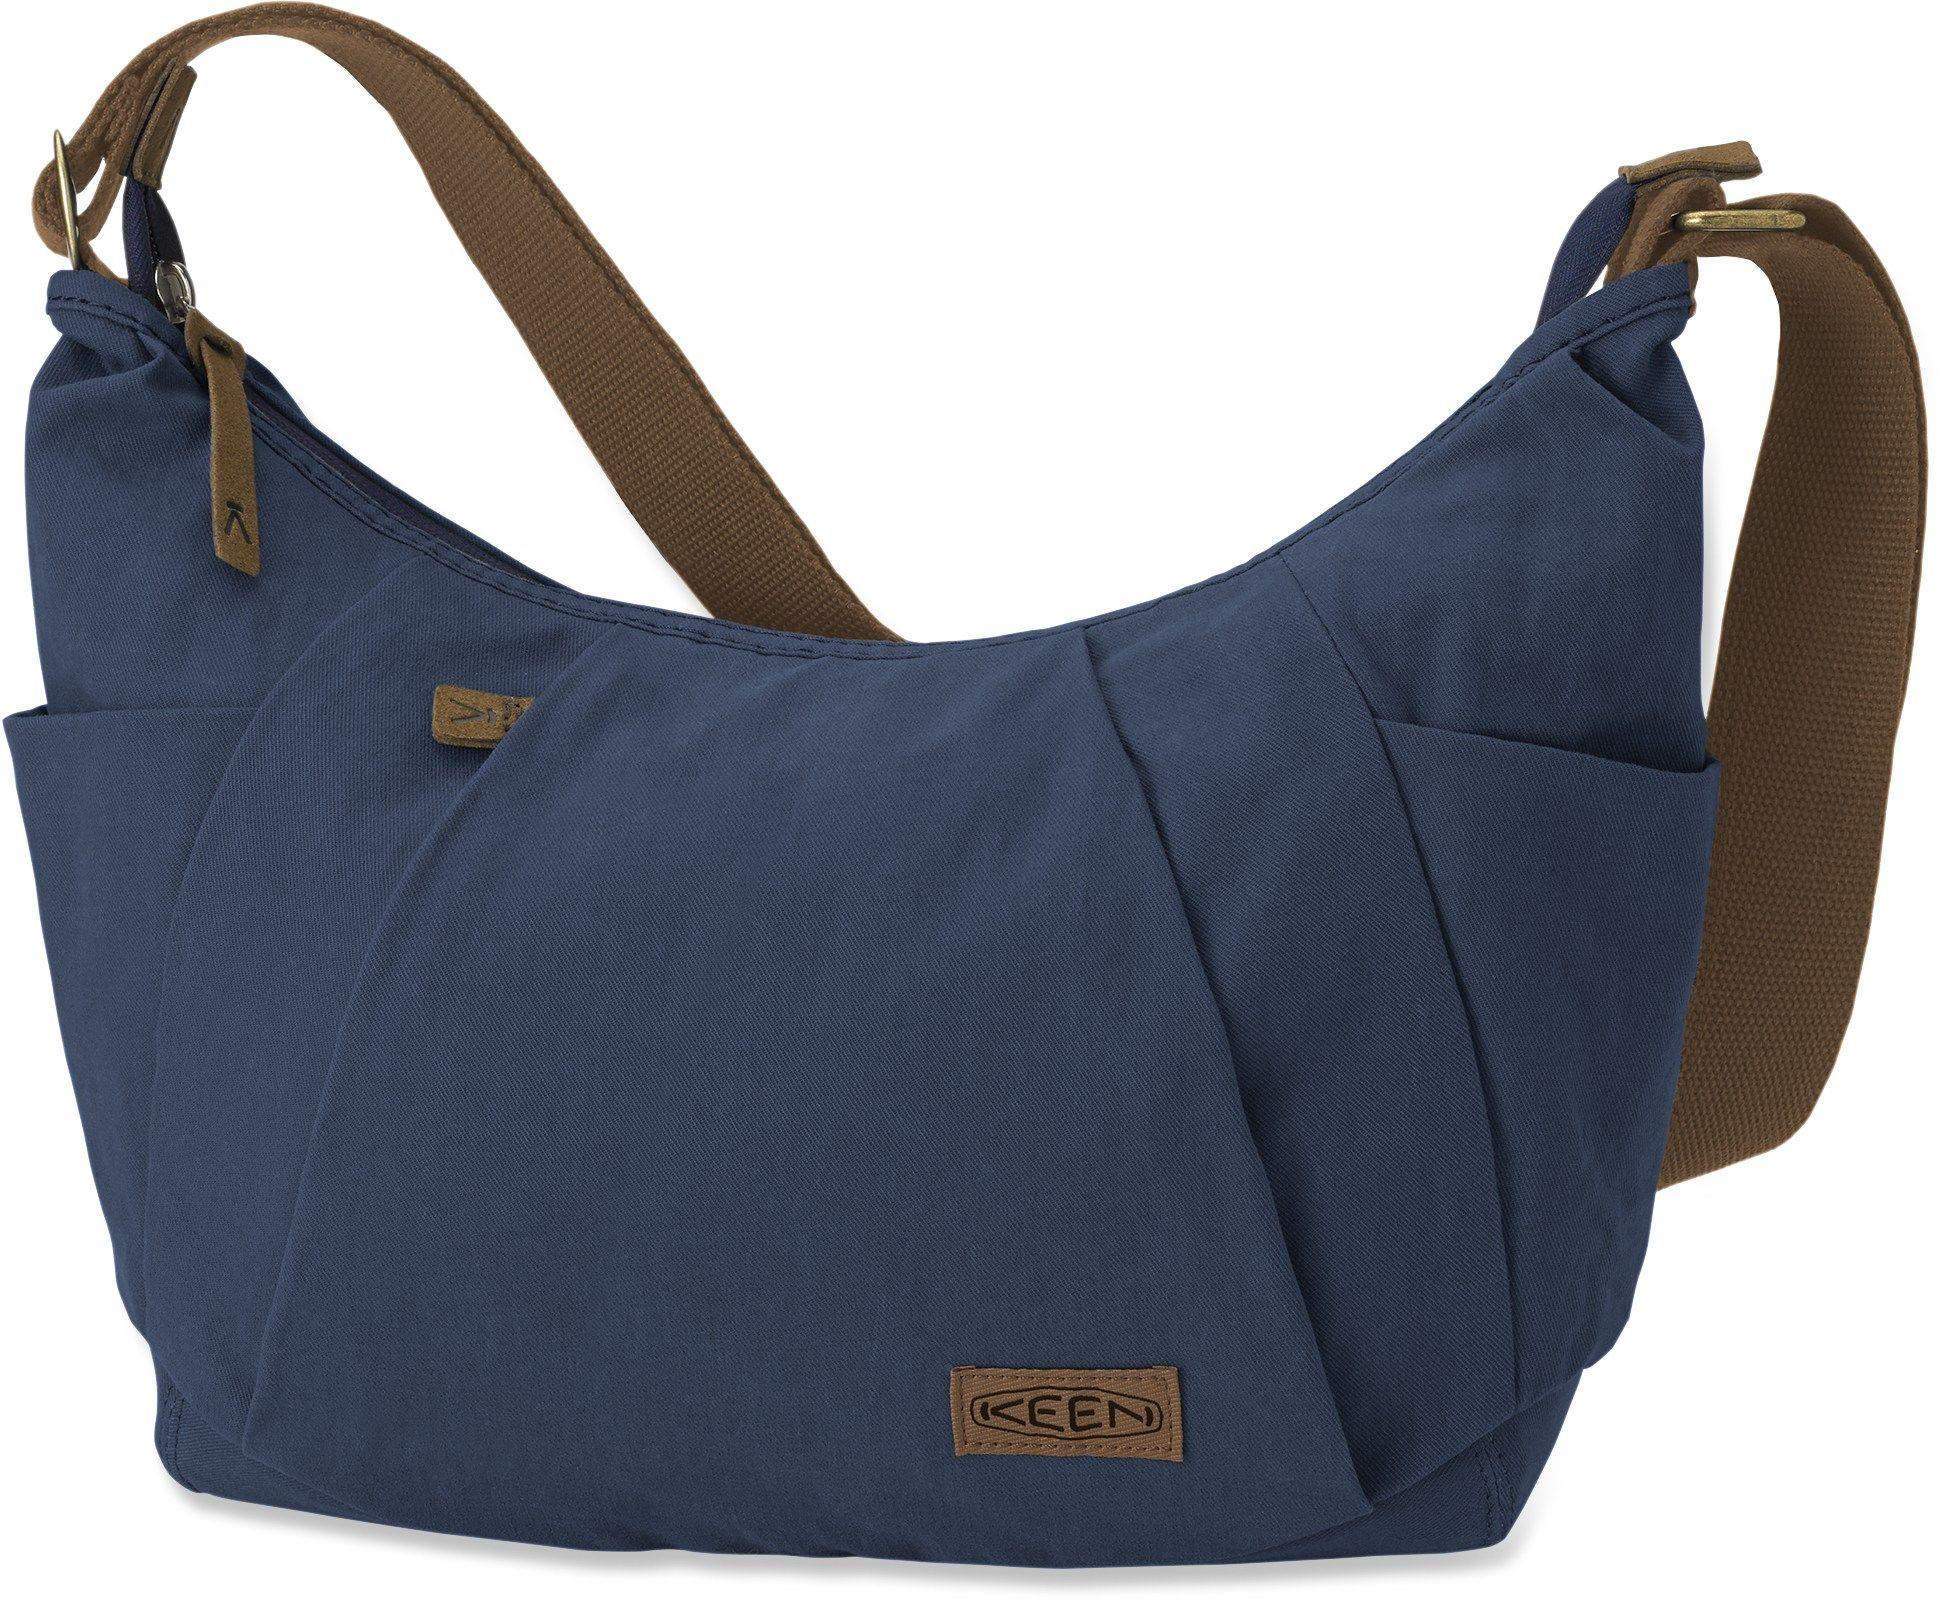 04968751aa KEEN Westport Twill Shoulder Bag - Women's | REI Co-op | bags | Bags ...